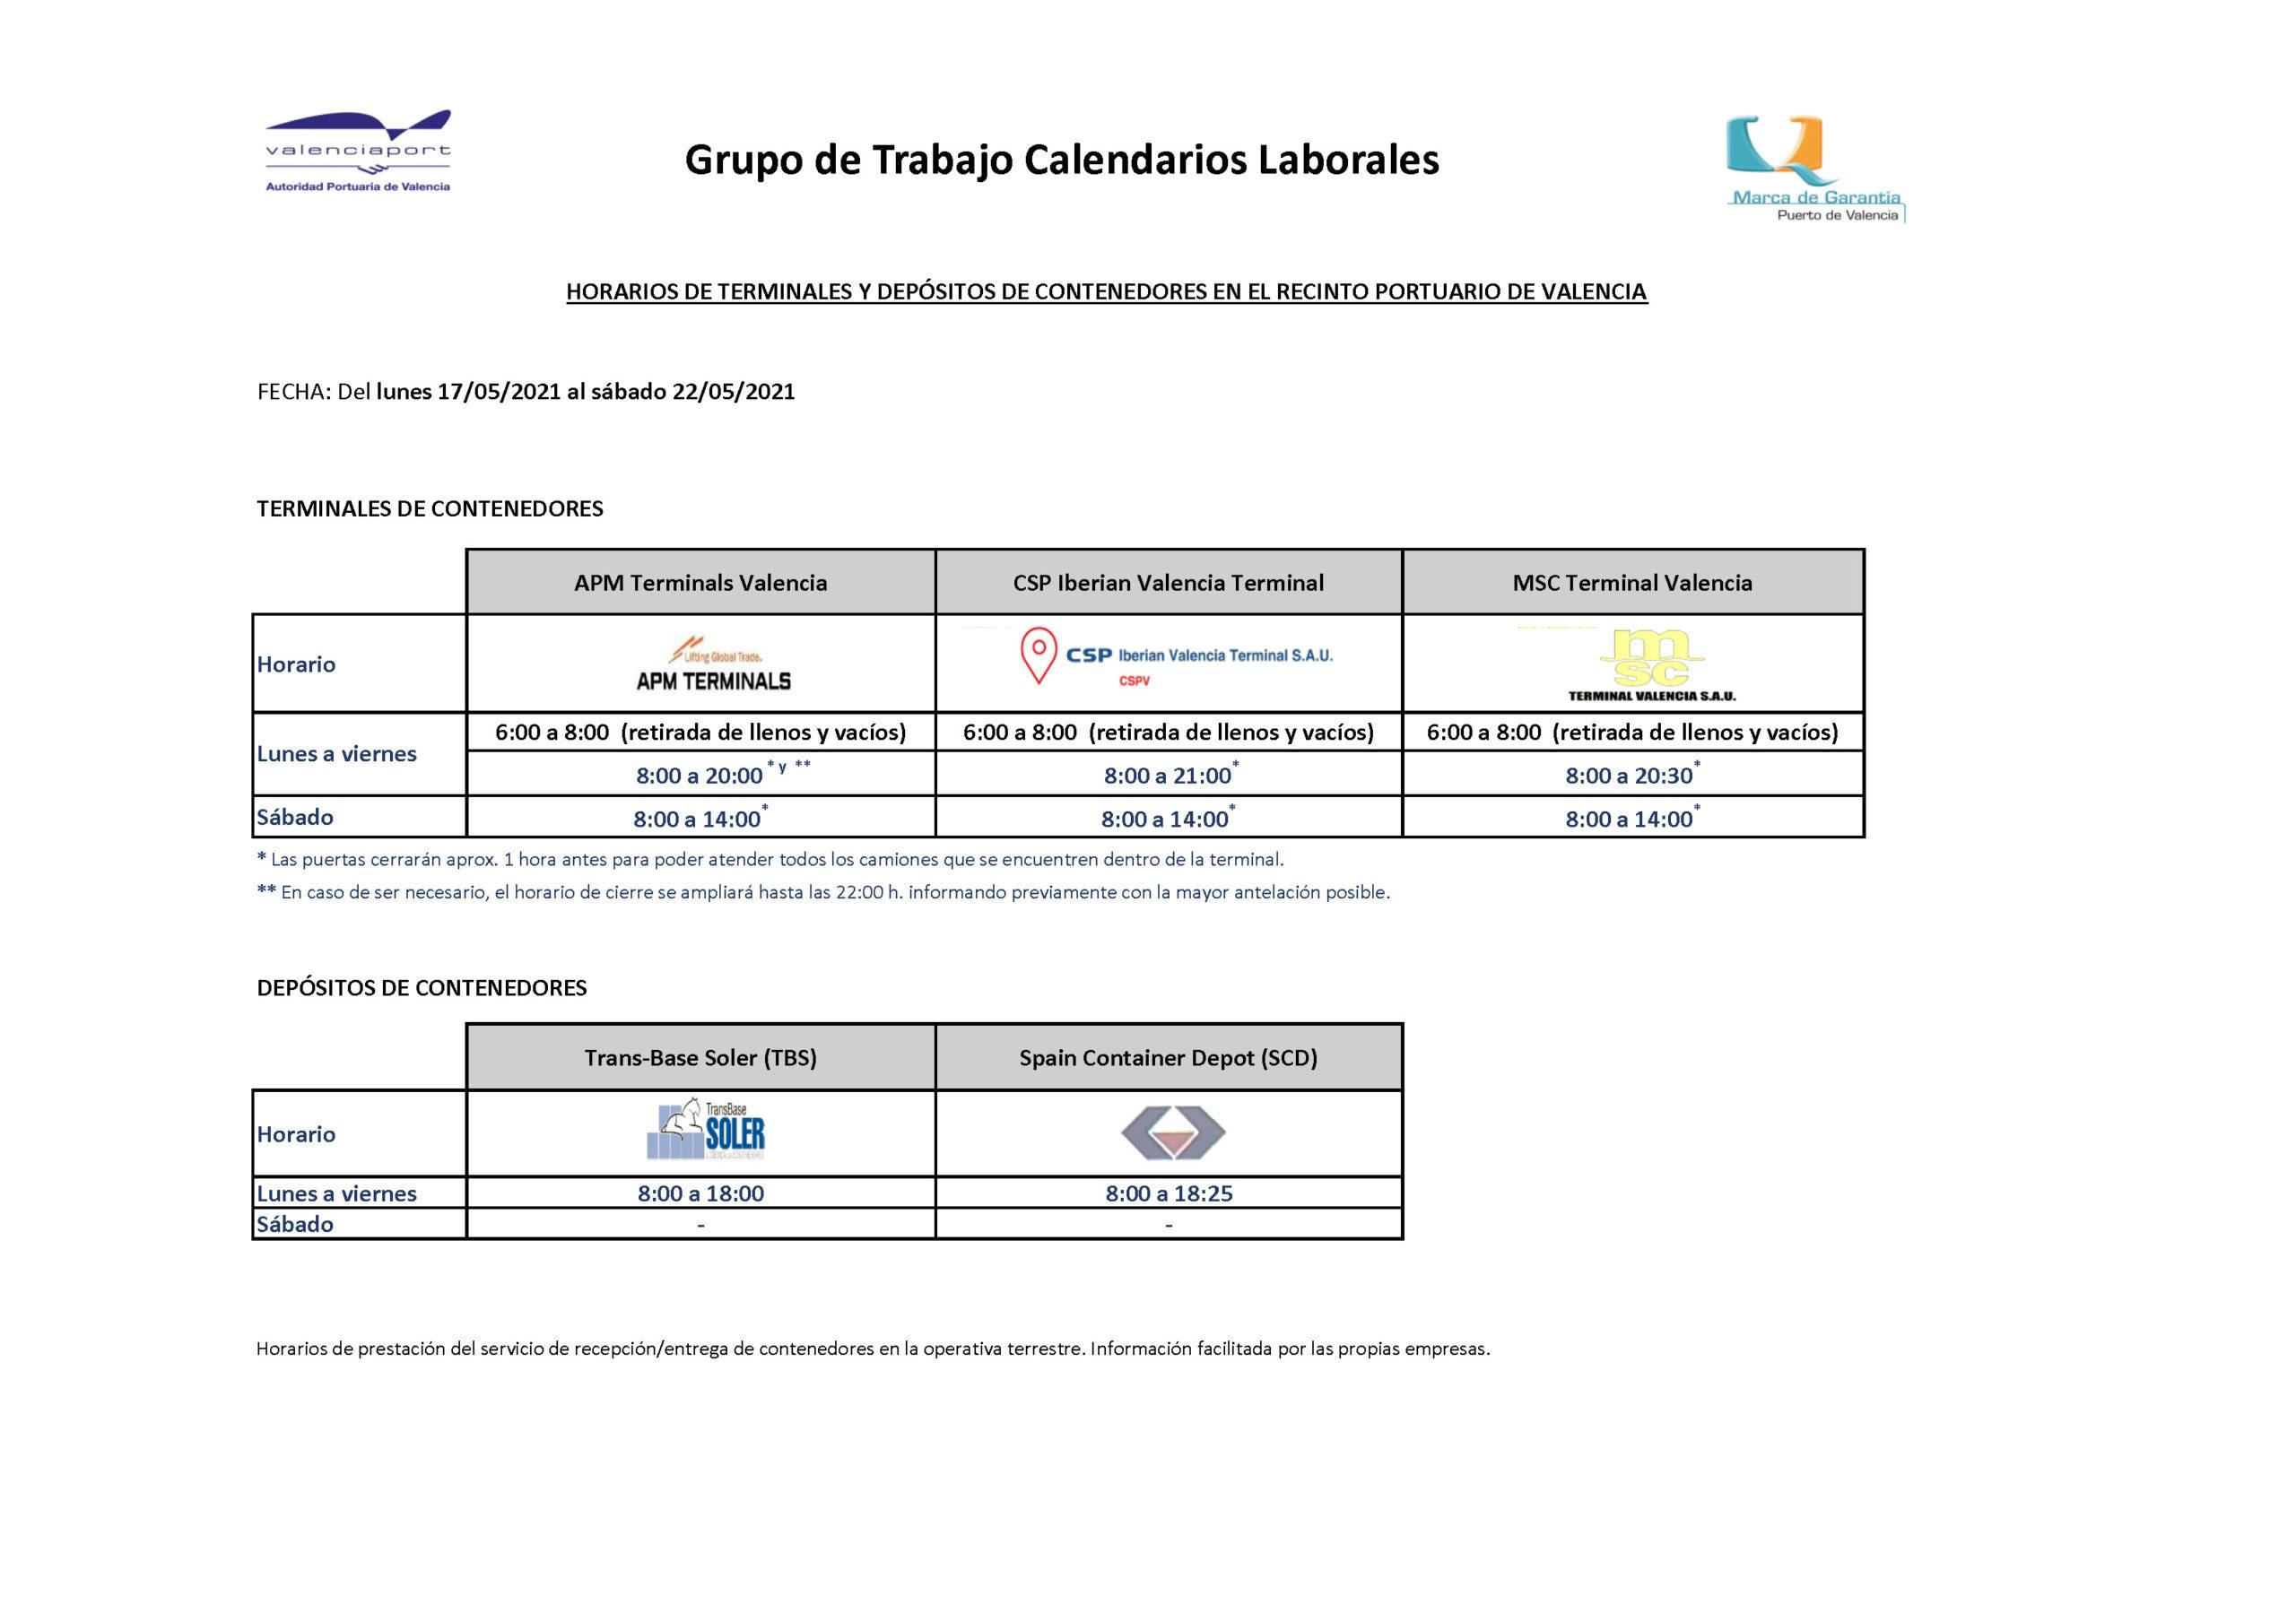 Horarios de entrega/recepción en la operativa terrestre de terminales y depósitos de contenedores puerto de Valencia